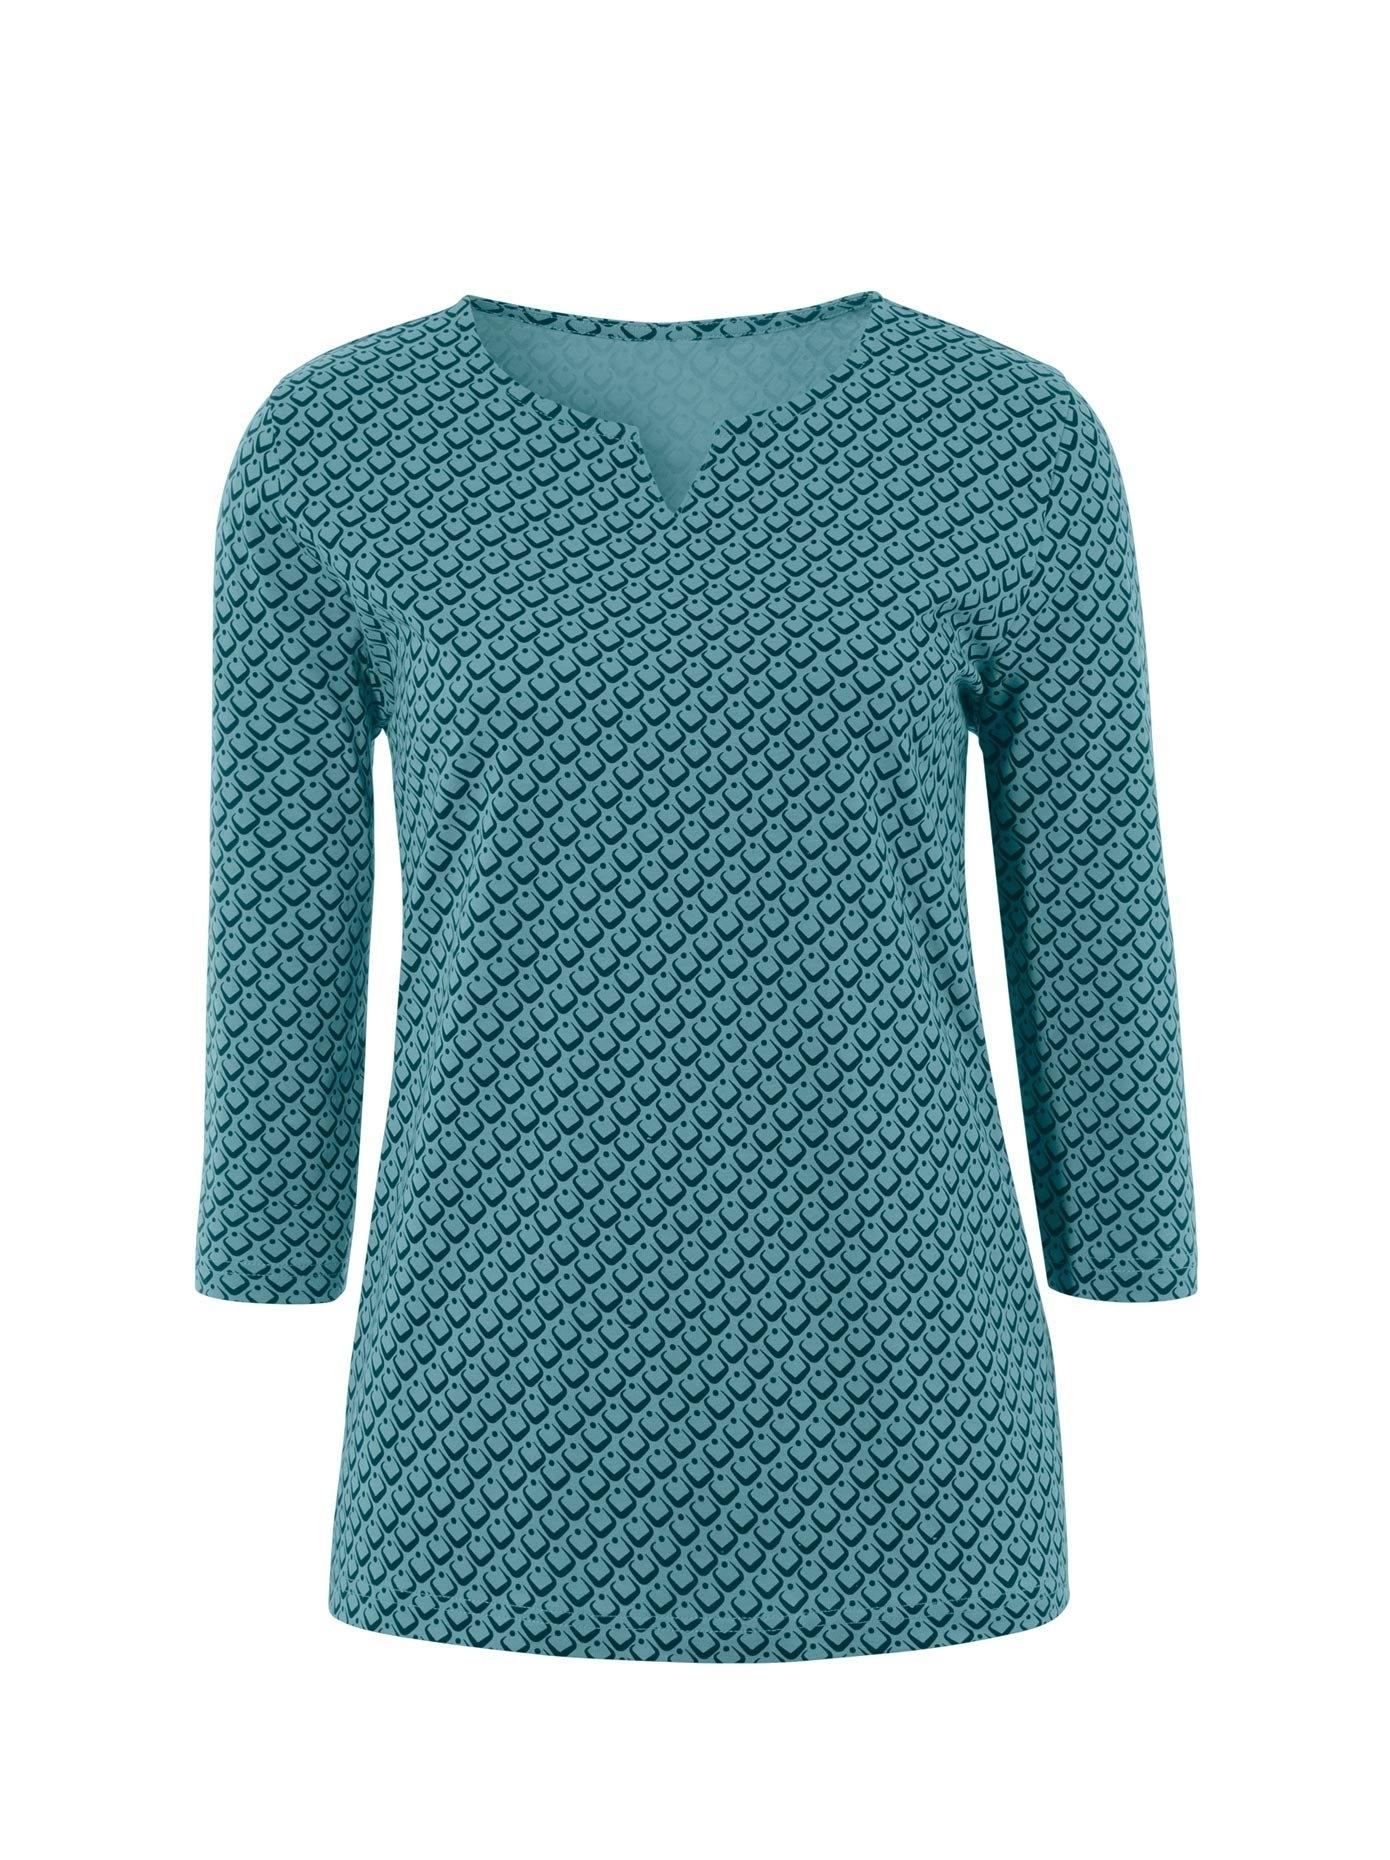 Classic Basics shirt met 3/4-mouwen nu online kopen bij OTTO